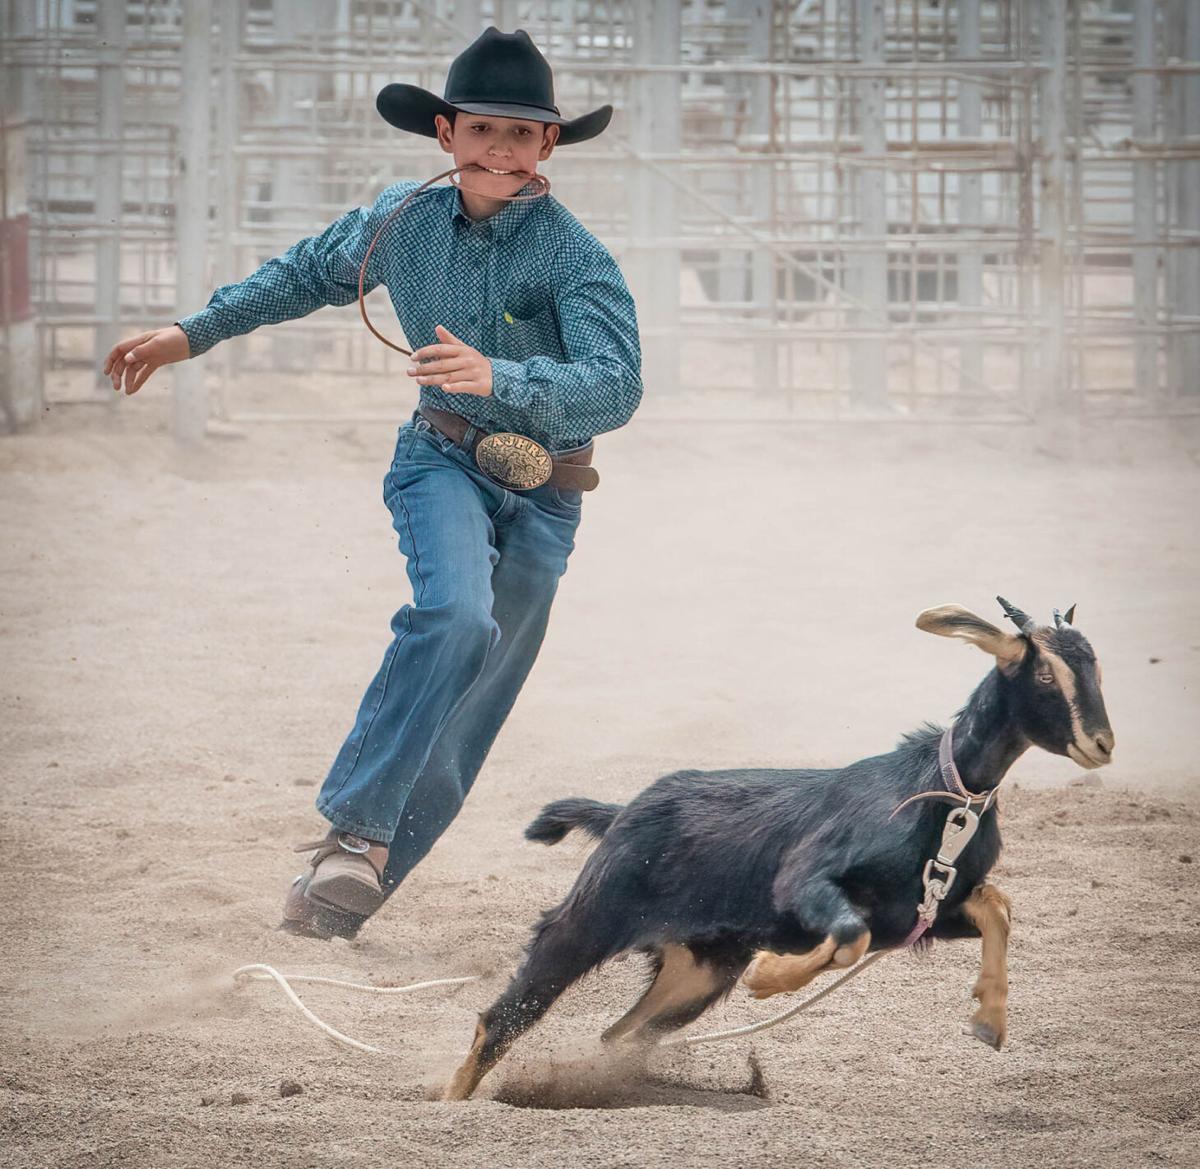 duncan jr rodeo 1-1476-Edit.jpg